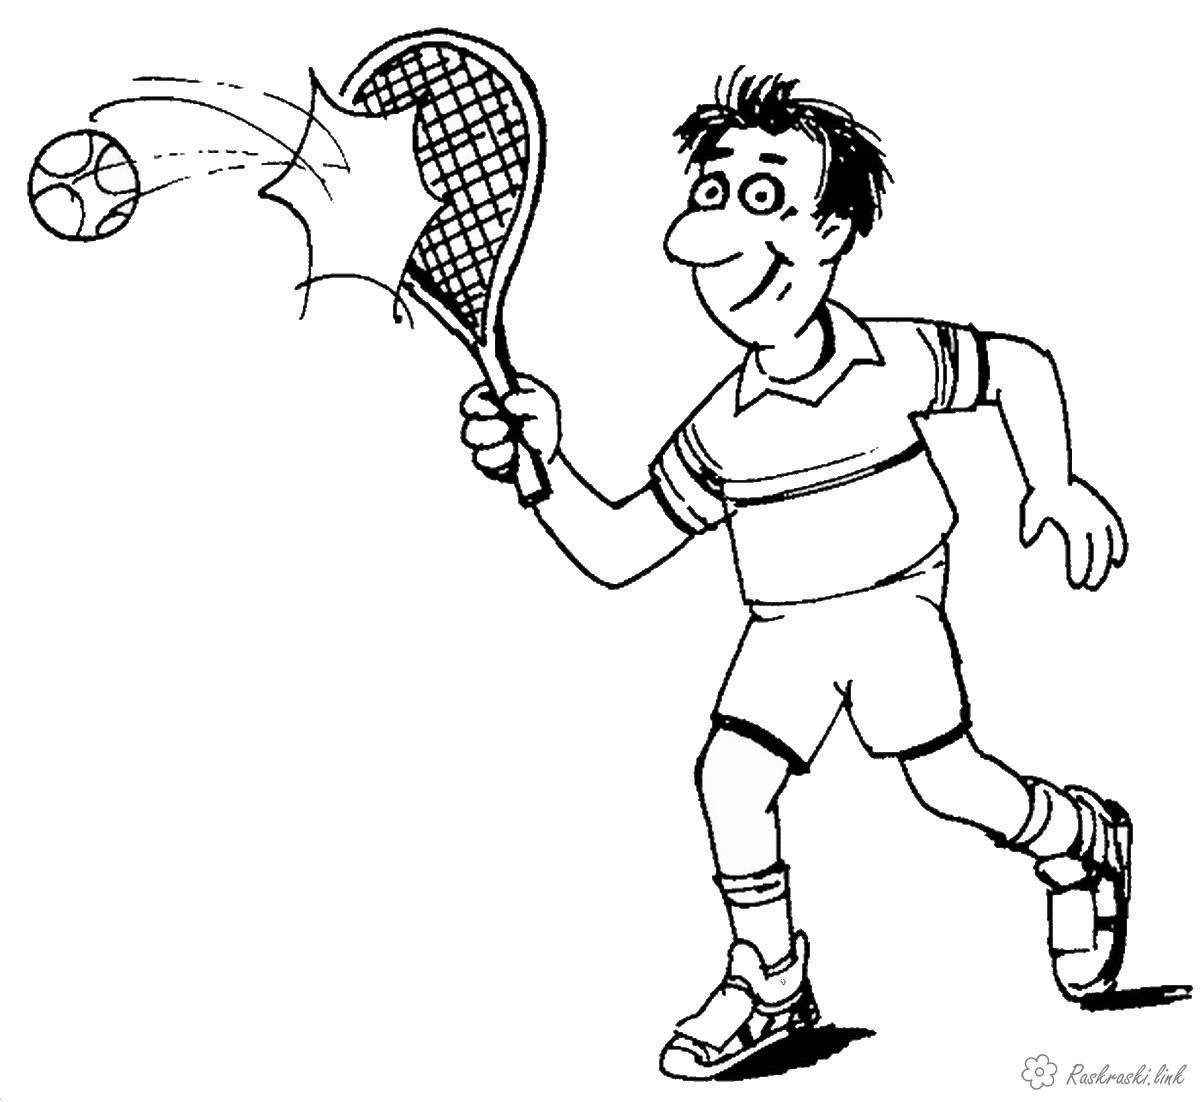 Розмальовки чоловік розмальовки, чоловік, теніс